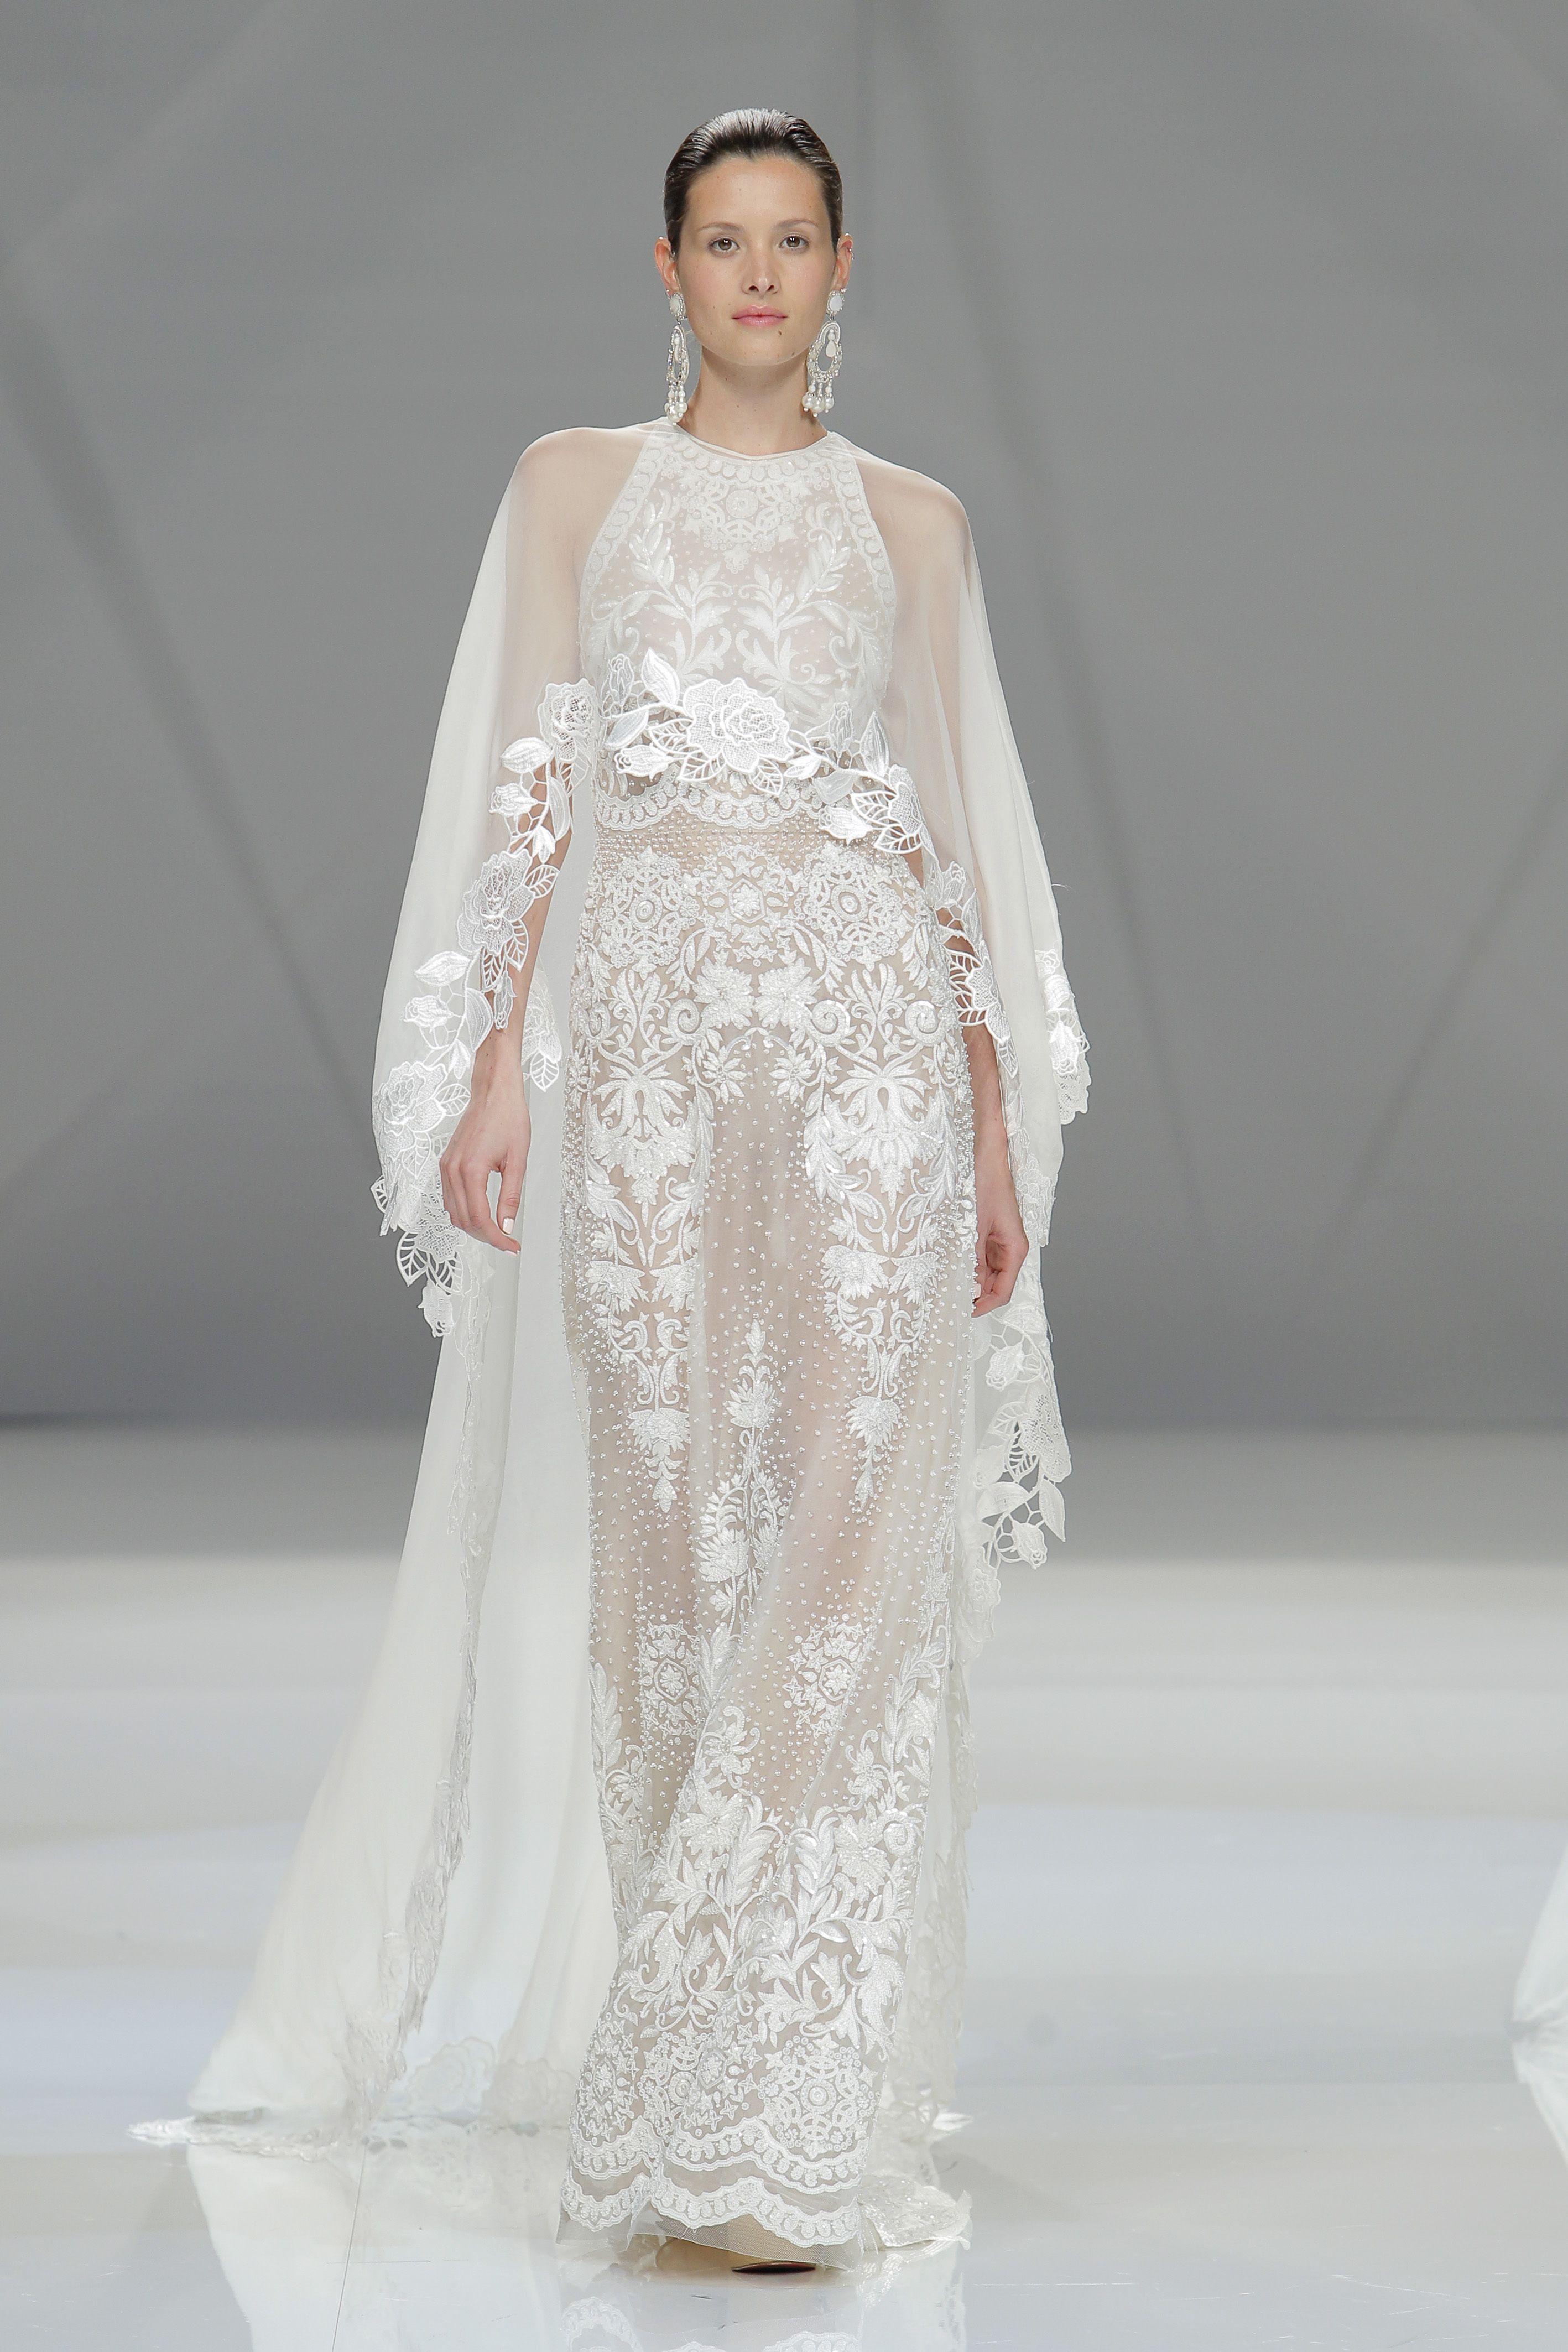 Naeem Khan Barcelona Bridal Fashion Week 2017 | Naeem khan, Wedding ...